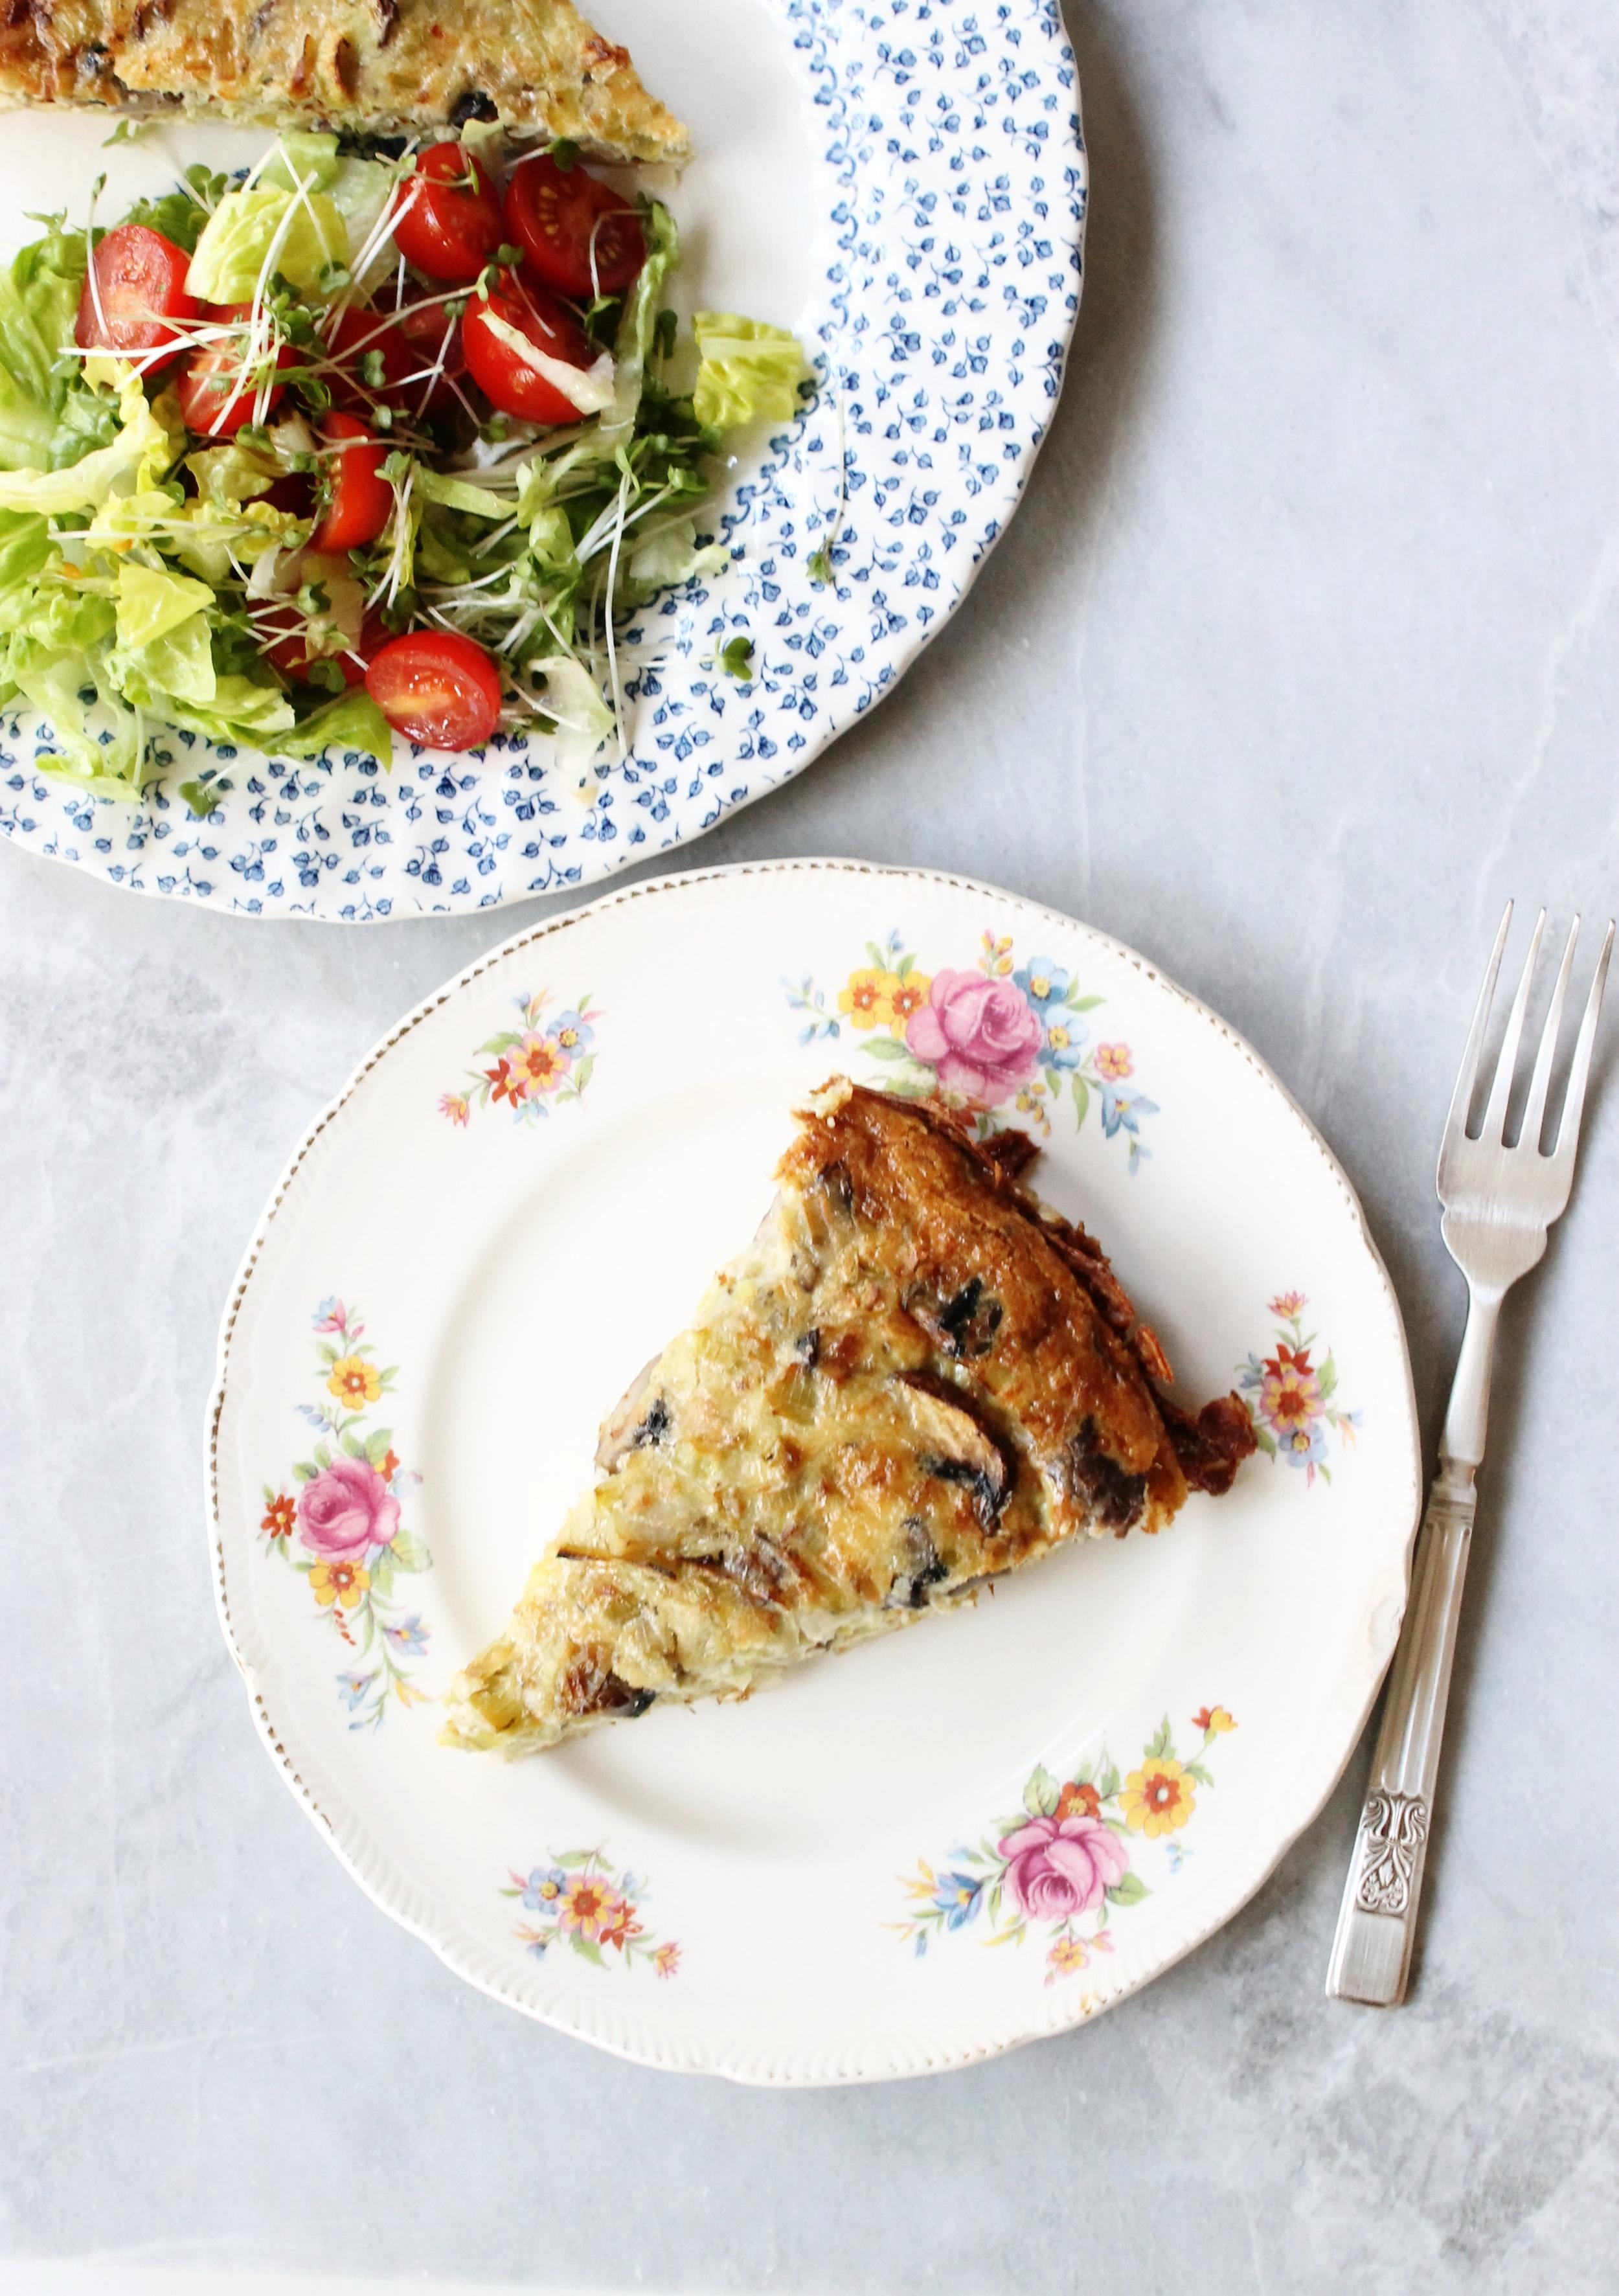 Leek and mushroom quiche (gluten free) | Beloved Kitchen